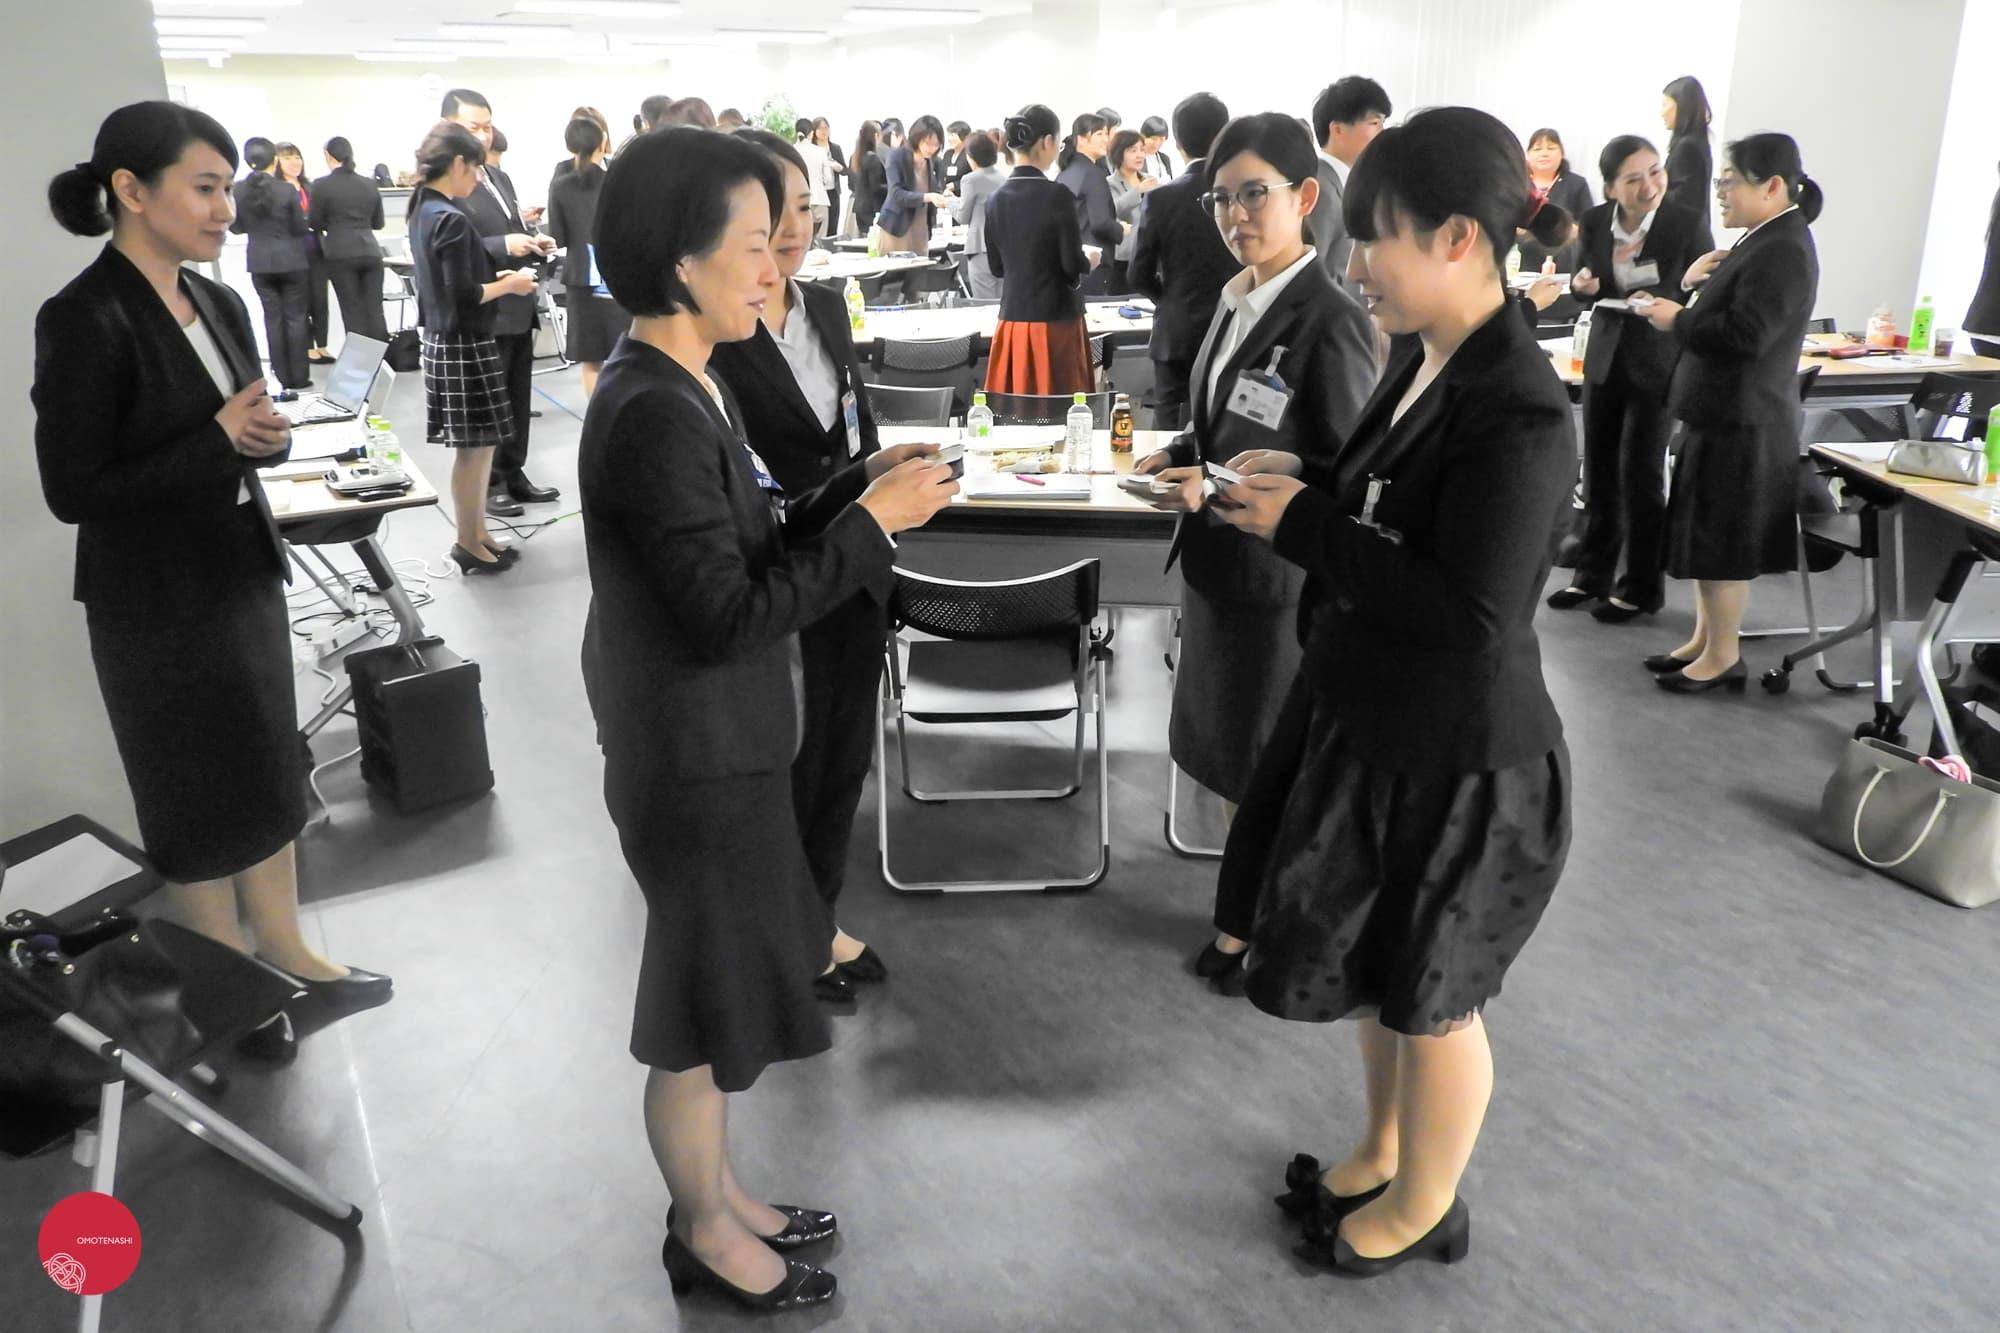 徳洲新聞掲載「徳洲会看護部門ホスピタリティ初級研修を開始」